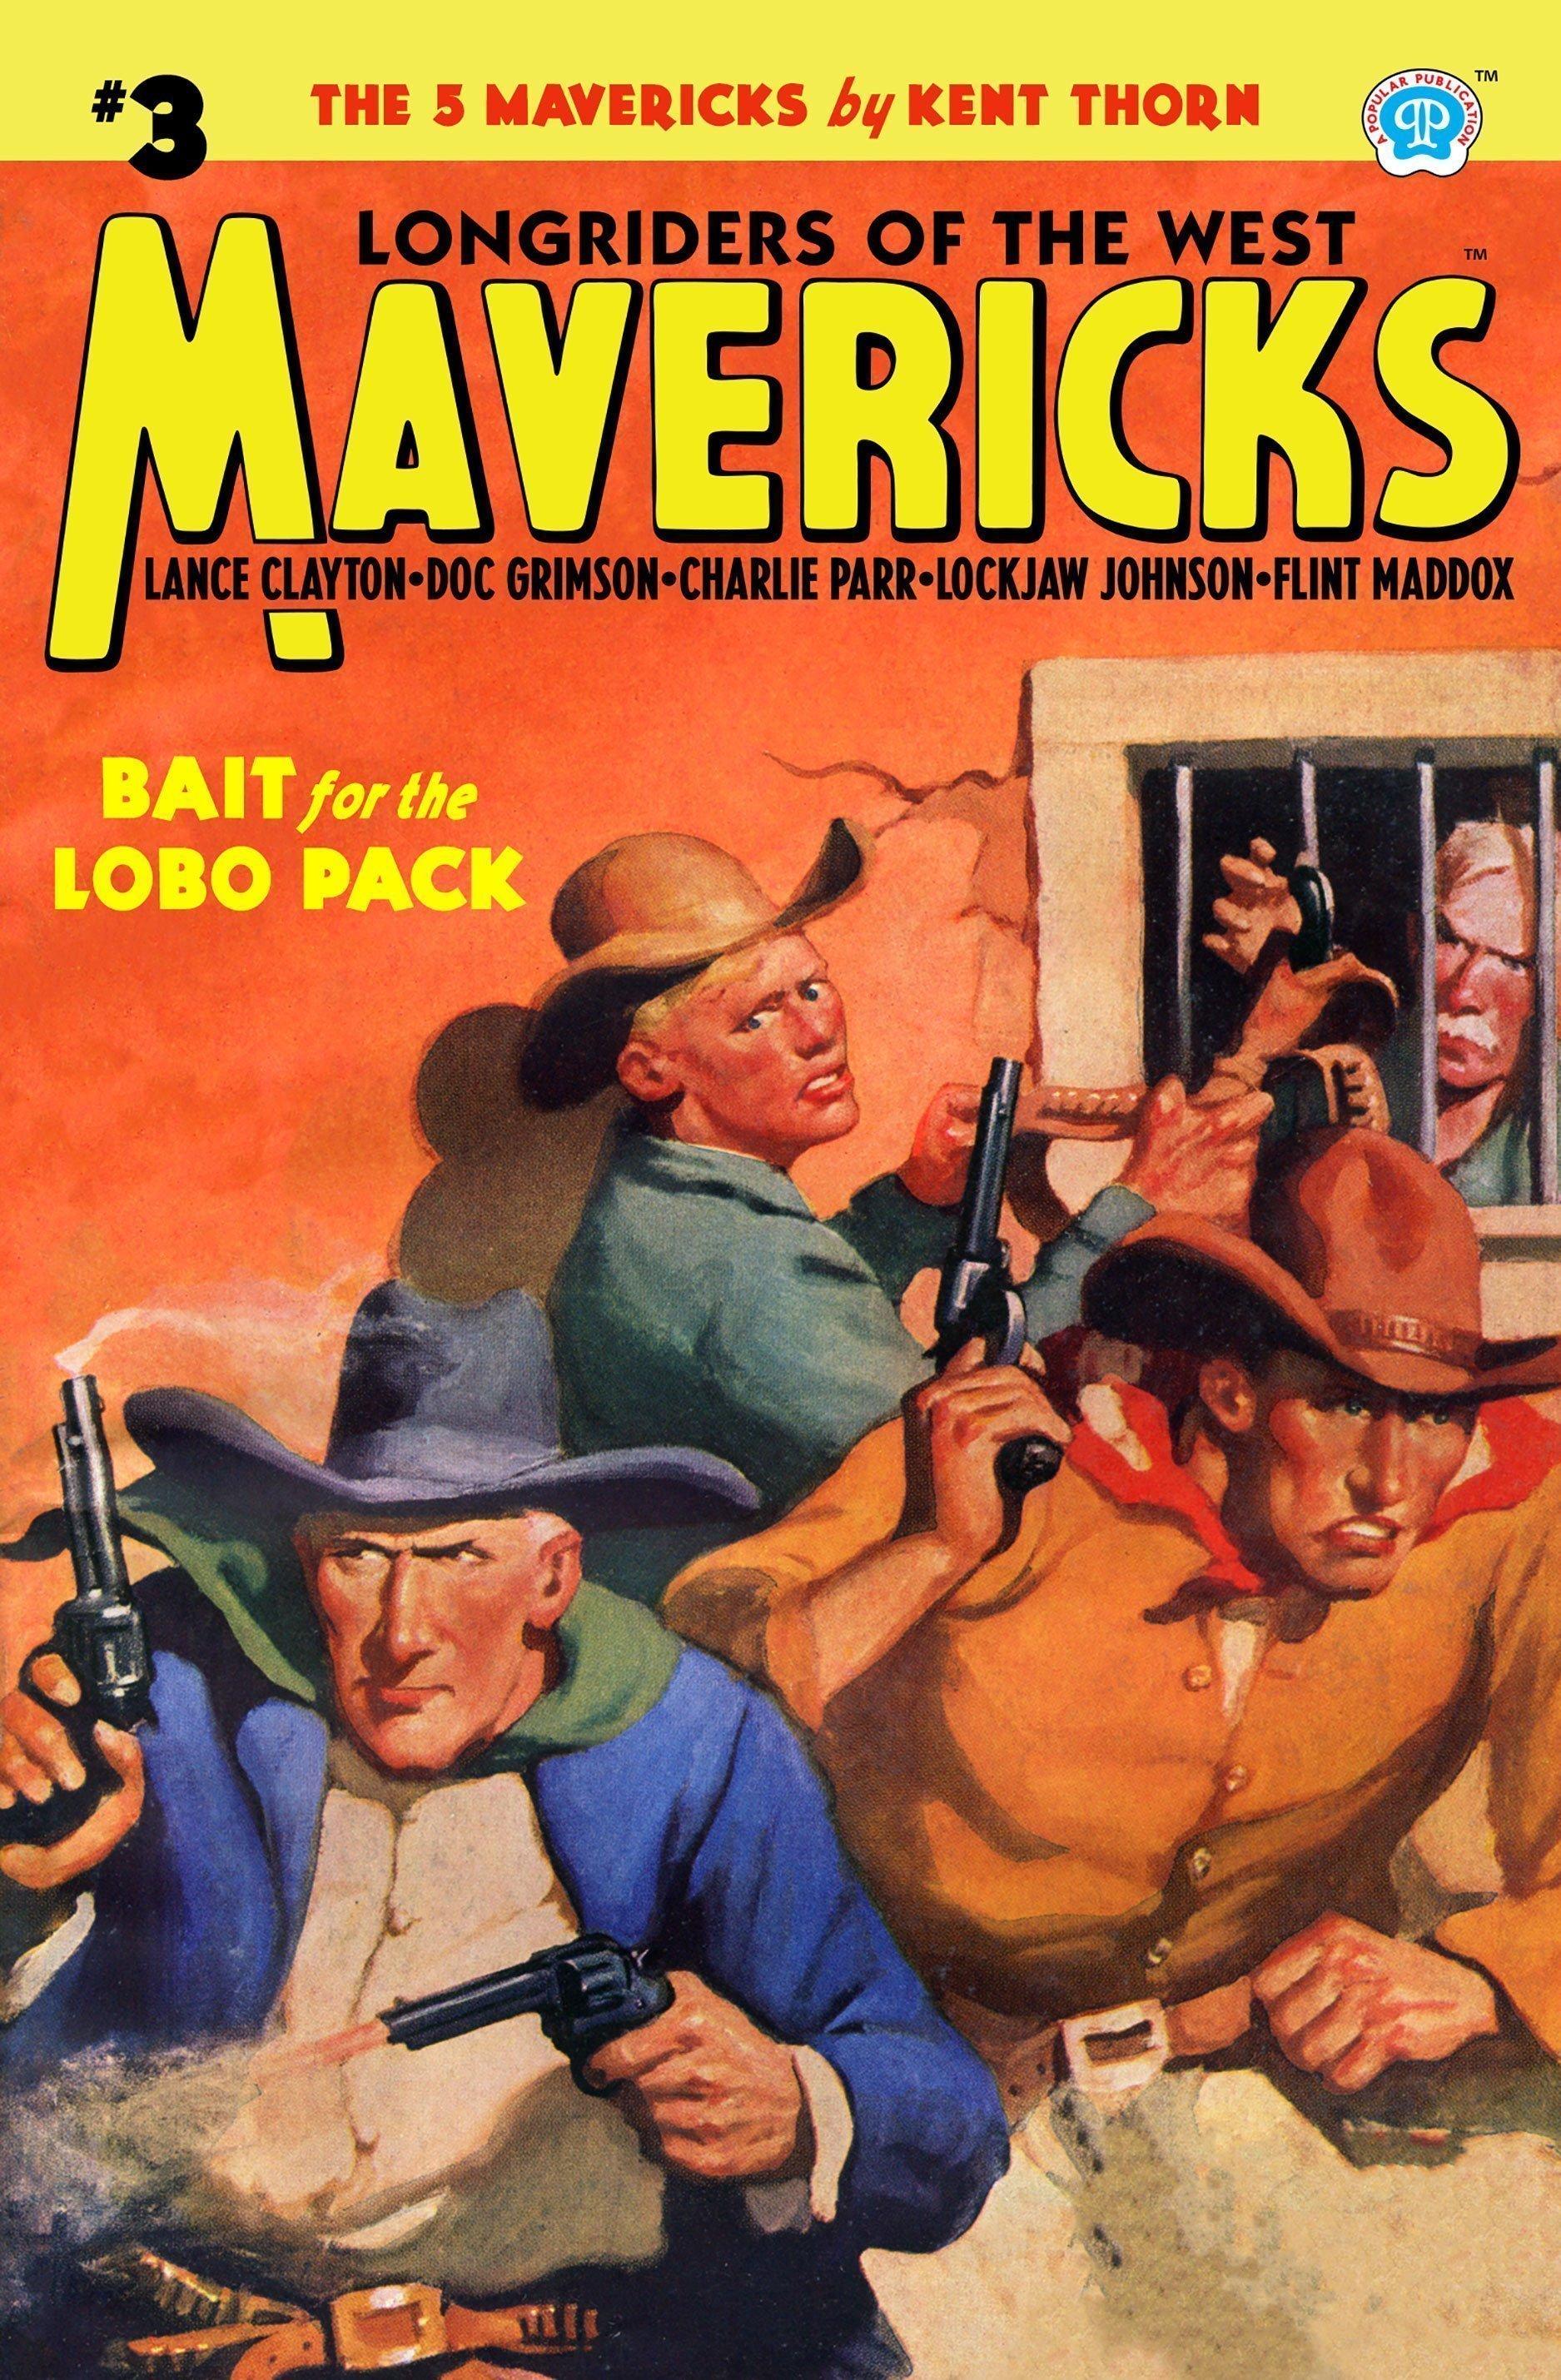 Mavericks #3: Bait for the Lobo Pack